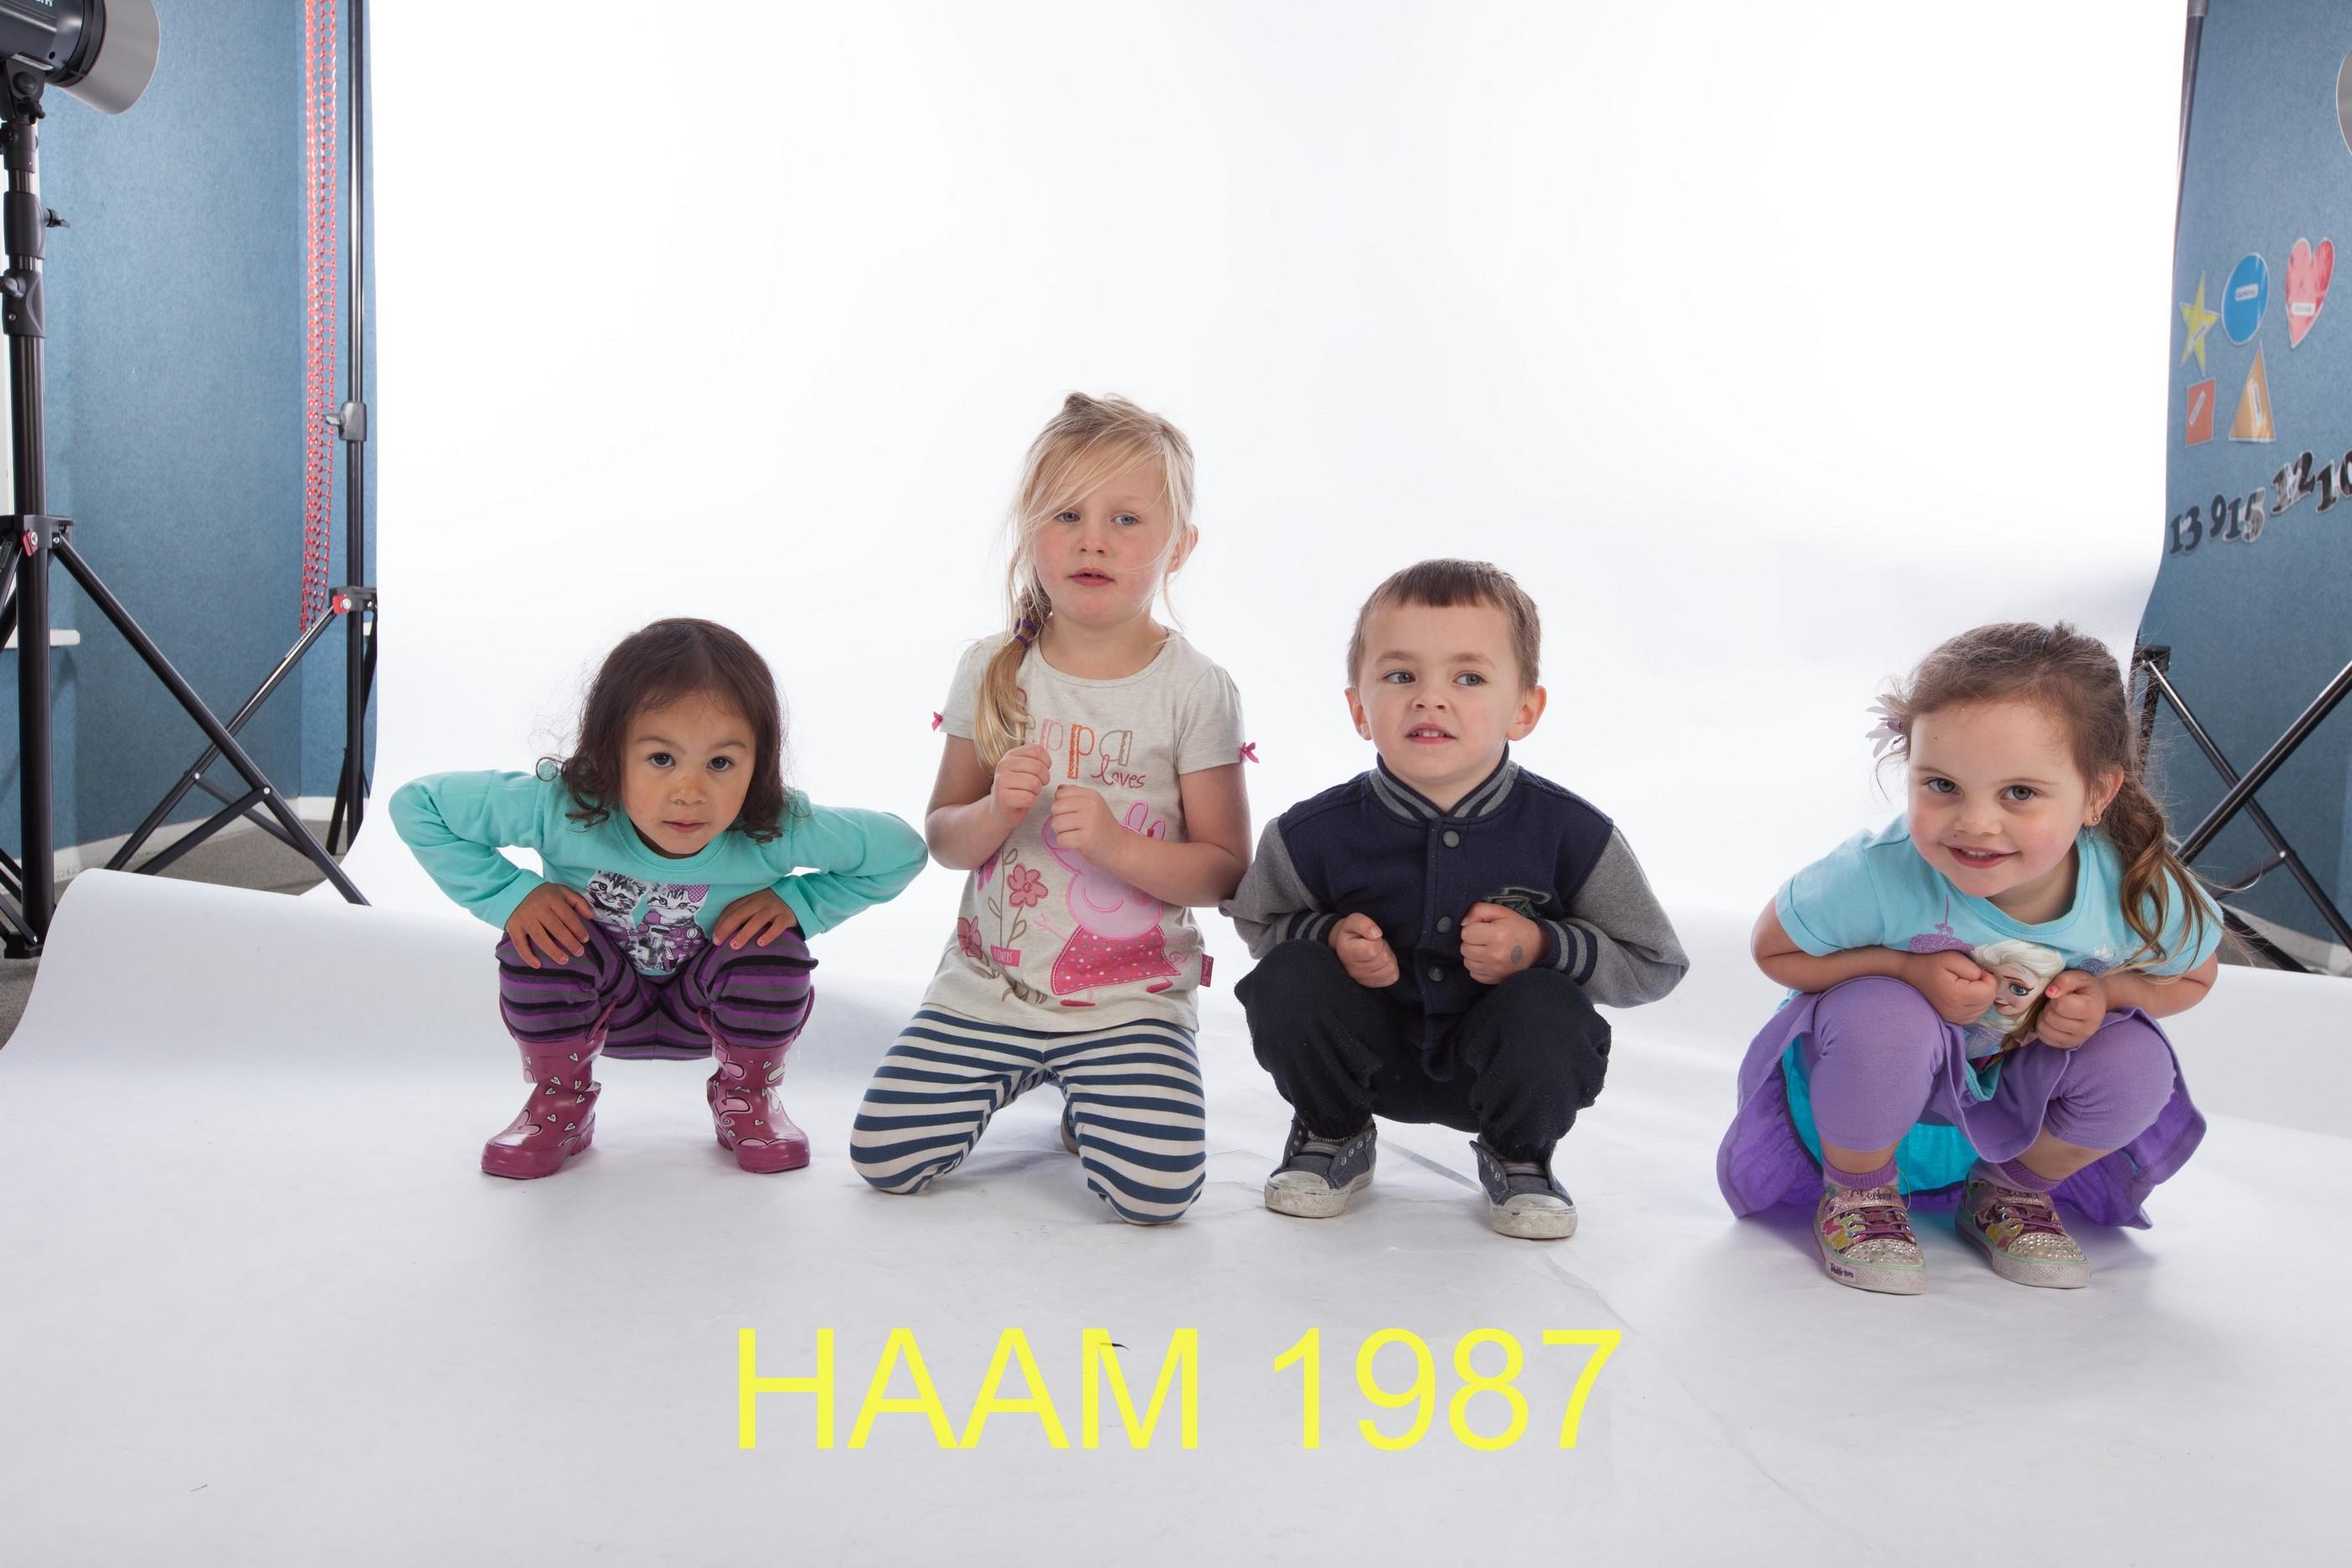 HAAM 1987